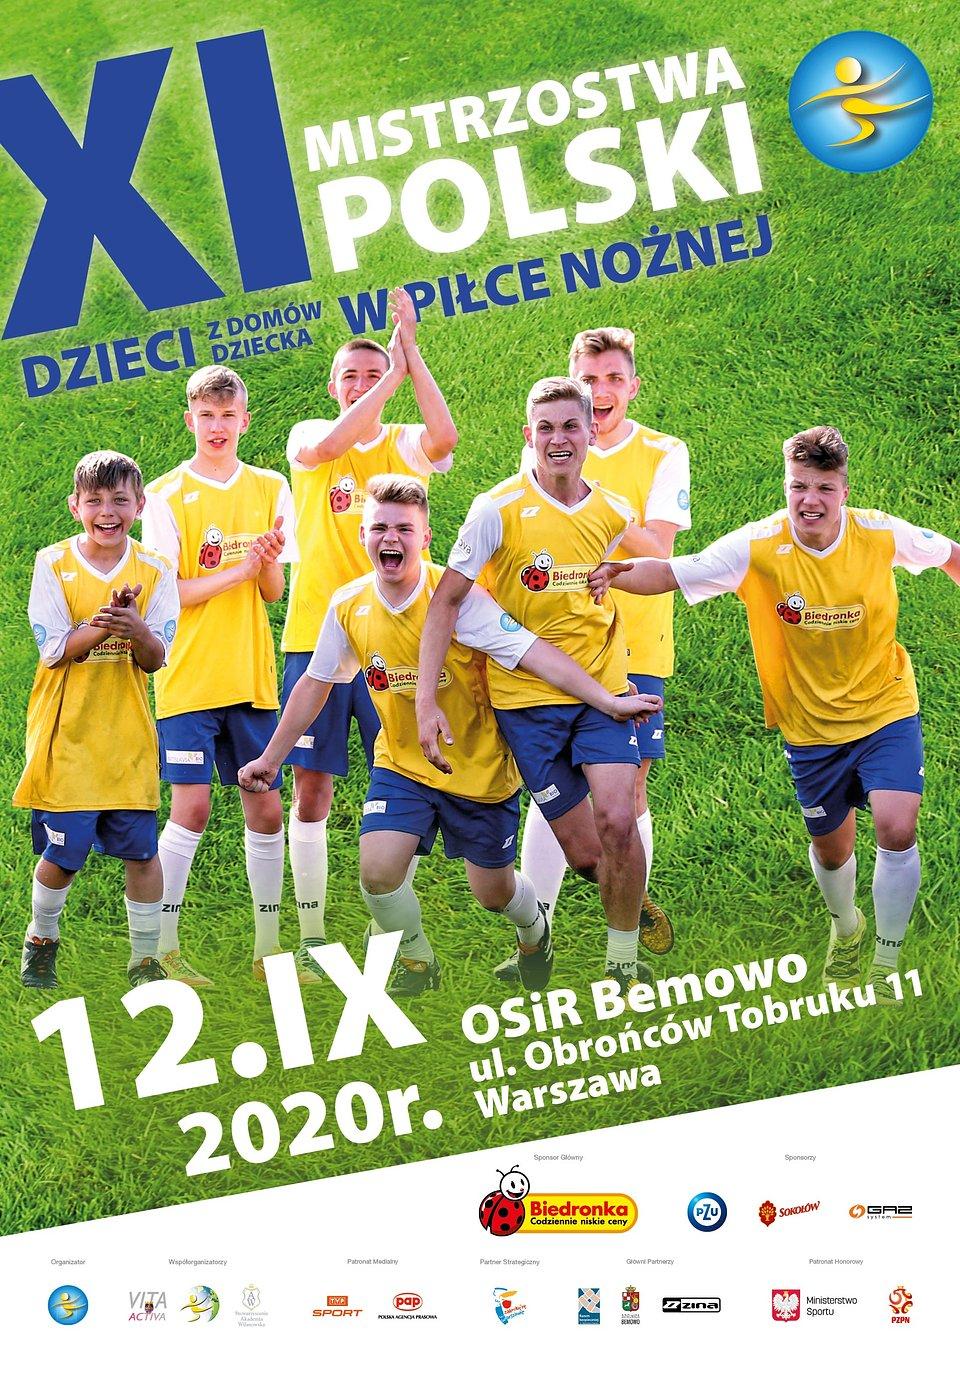 Plakat Mistrzostwa Polski 2020 Nadzieja Na Mundial